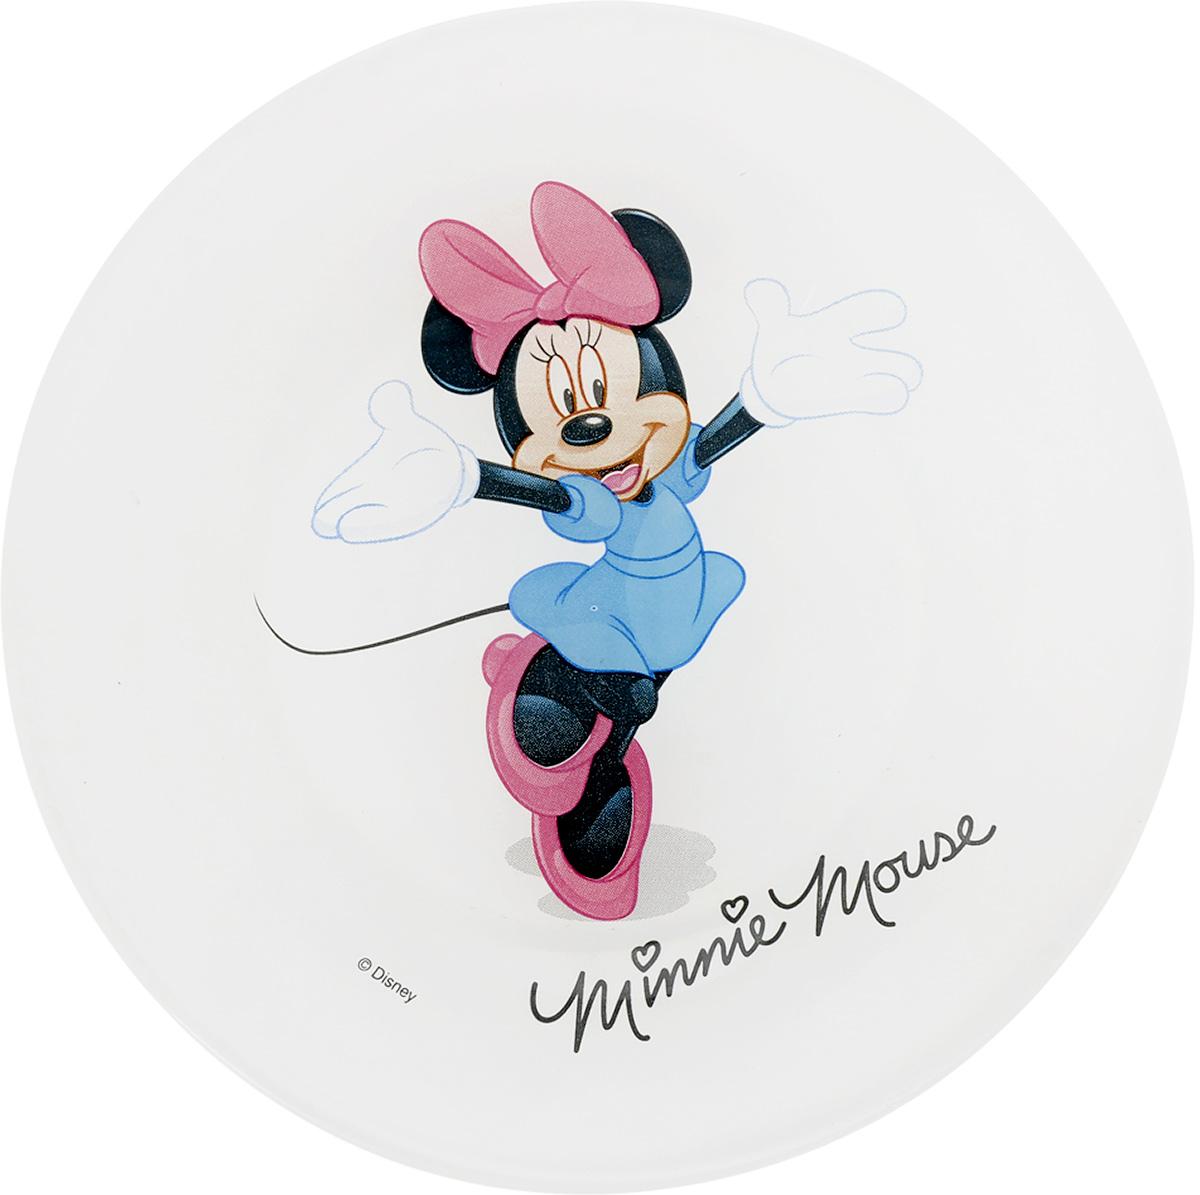 Тарелка десертная Luminarc Minnie Colors, диаметр 19,5 смL2121Десертная тарелка Luminarc Minnie Colors, изготовленная из ударопрочного стекла, имеет приятный внешний вид. Такая тарелка обязательно понравится вашему ребенку. Идеальна для подачи десертов, пирожных, тортов и многого другого. Она прекрасно оформит стол и станет отличным дополнением к вашей коллекции кухонной посуды. Диаметр тарелки (по верхнему краю): 19,5 см. Высота тарелки: 1,5 см.